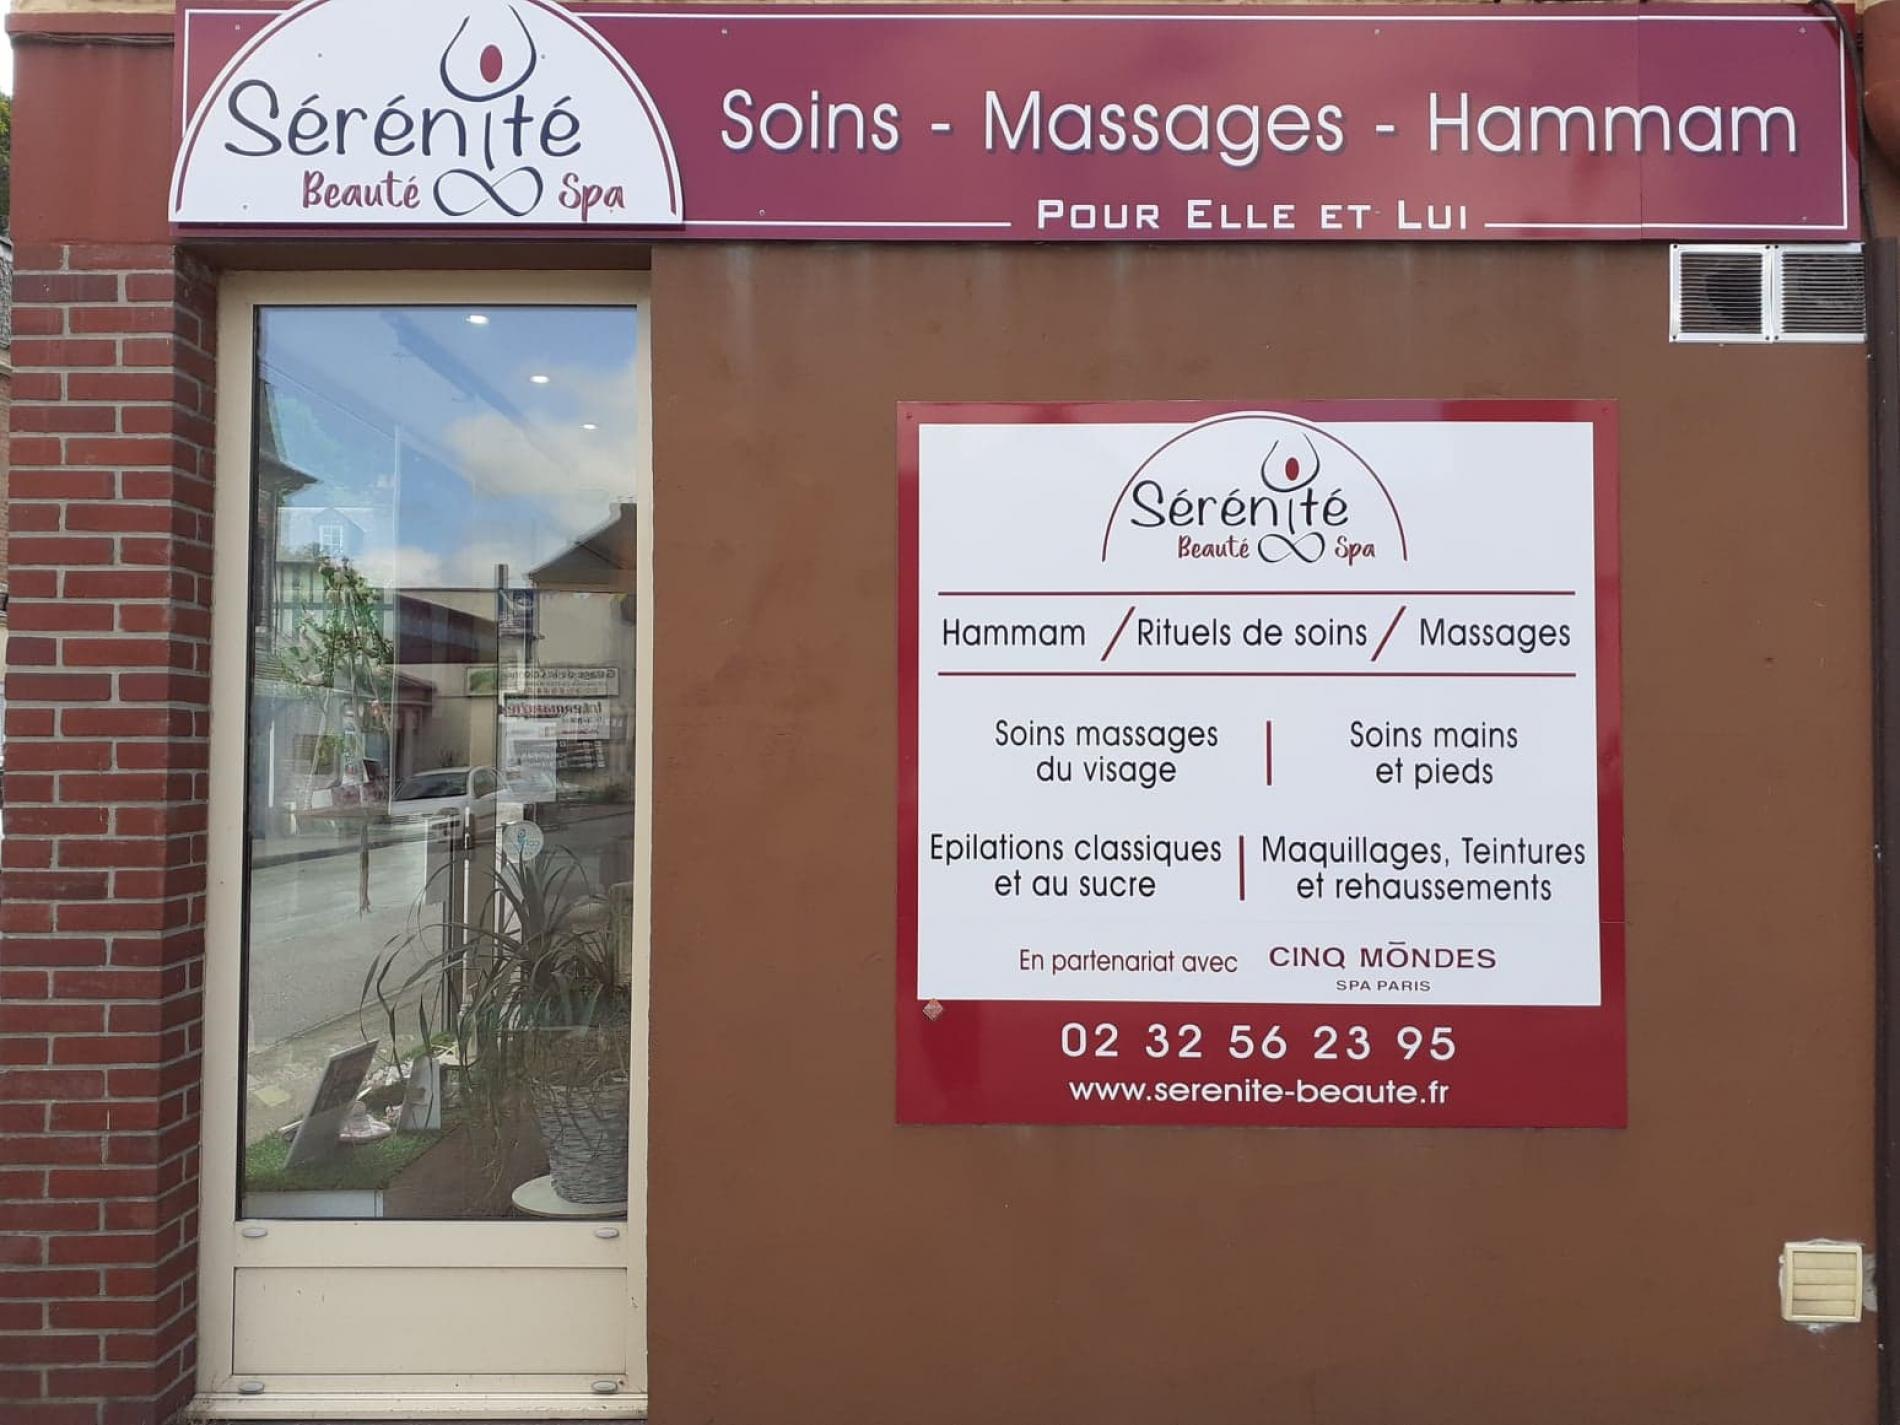 notre partenaire  Sérénité  Beauté   pour vos massages  bien etre